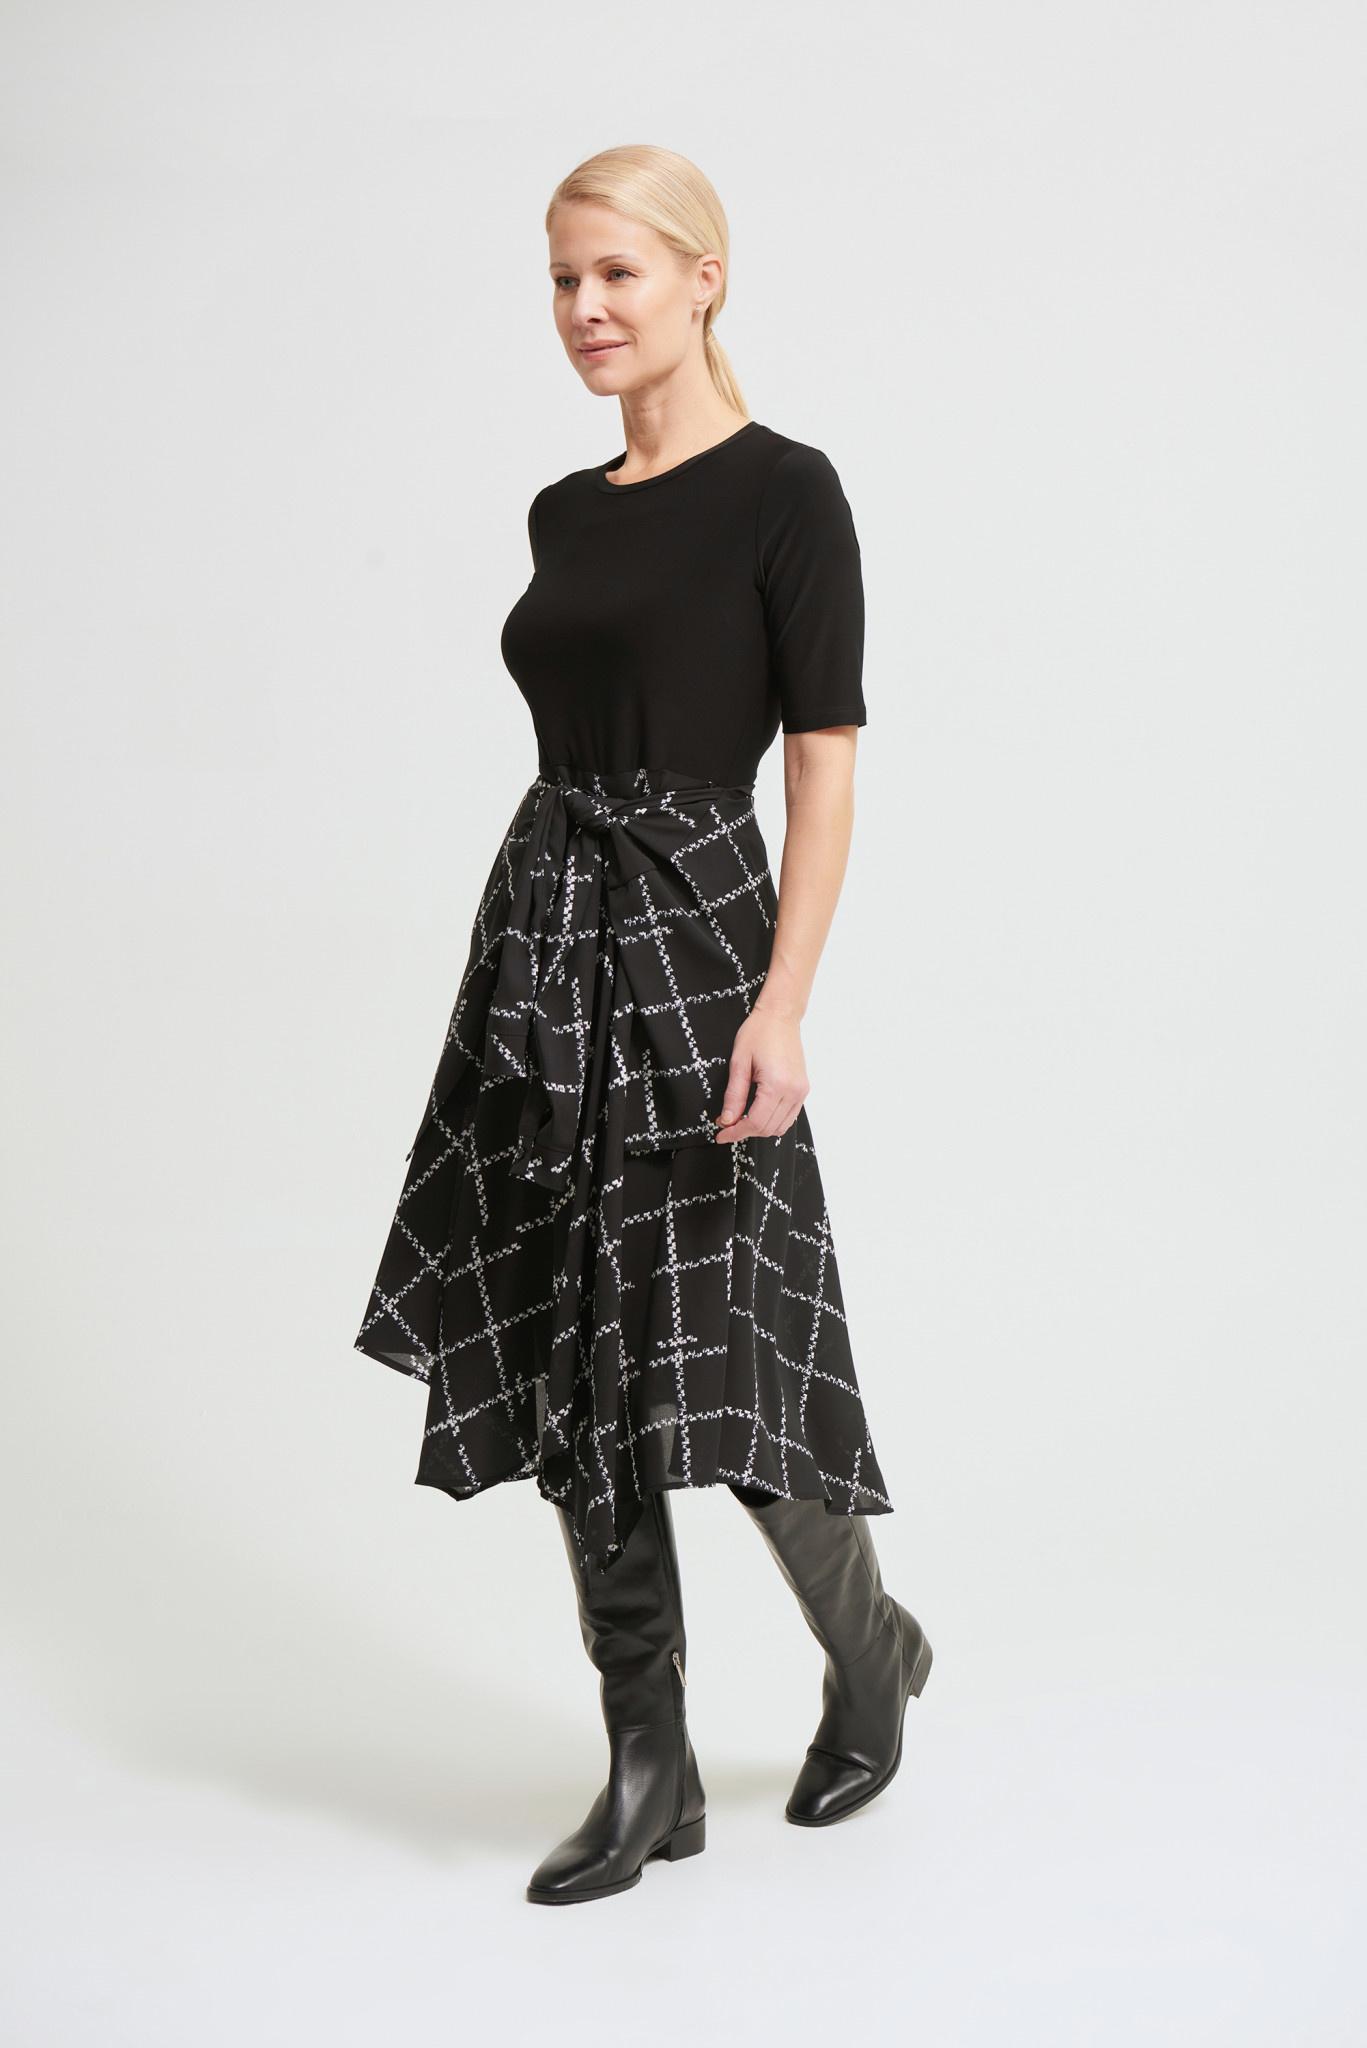 Dress with Chiffon Print Skirt